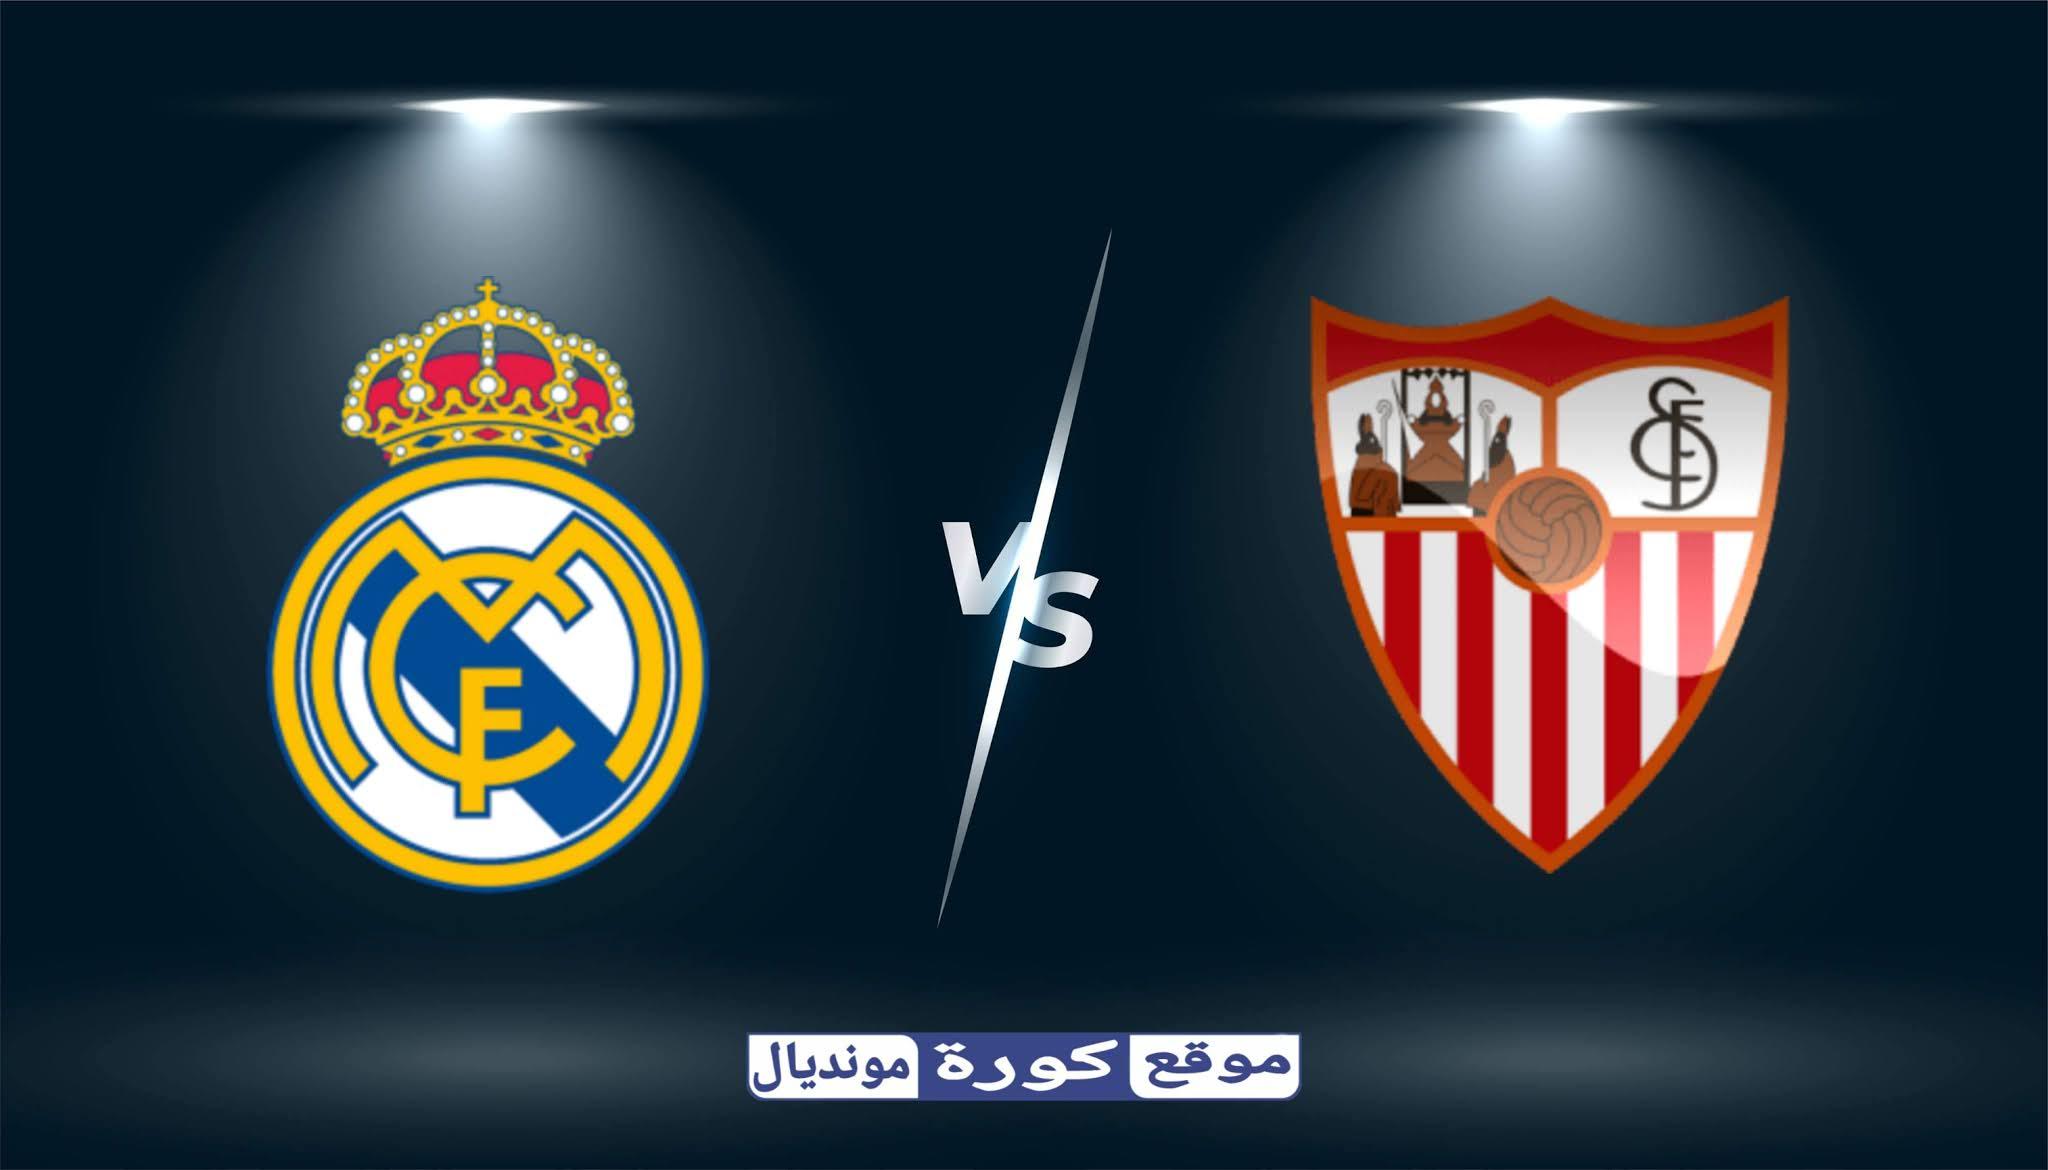 مشاهدة مباراة ريال مدريد و إشبيلية  بث مباشر اليوم 05-12-2020 في الدوري الإسباني